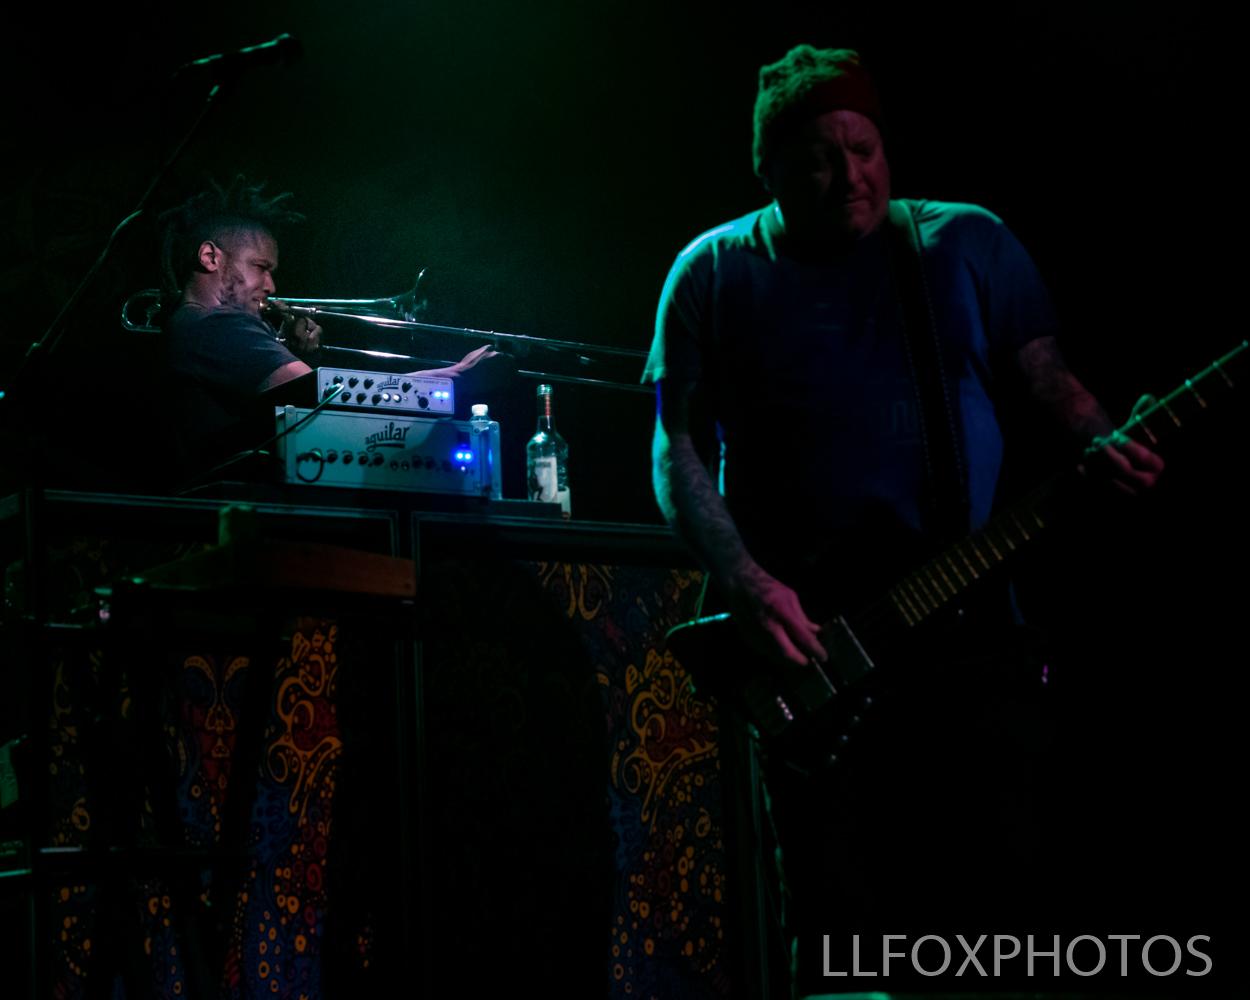 LLFOXPHOTOS-0399.jpg